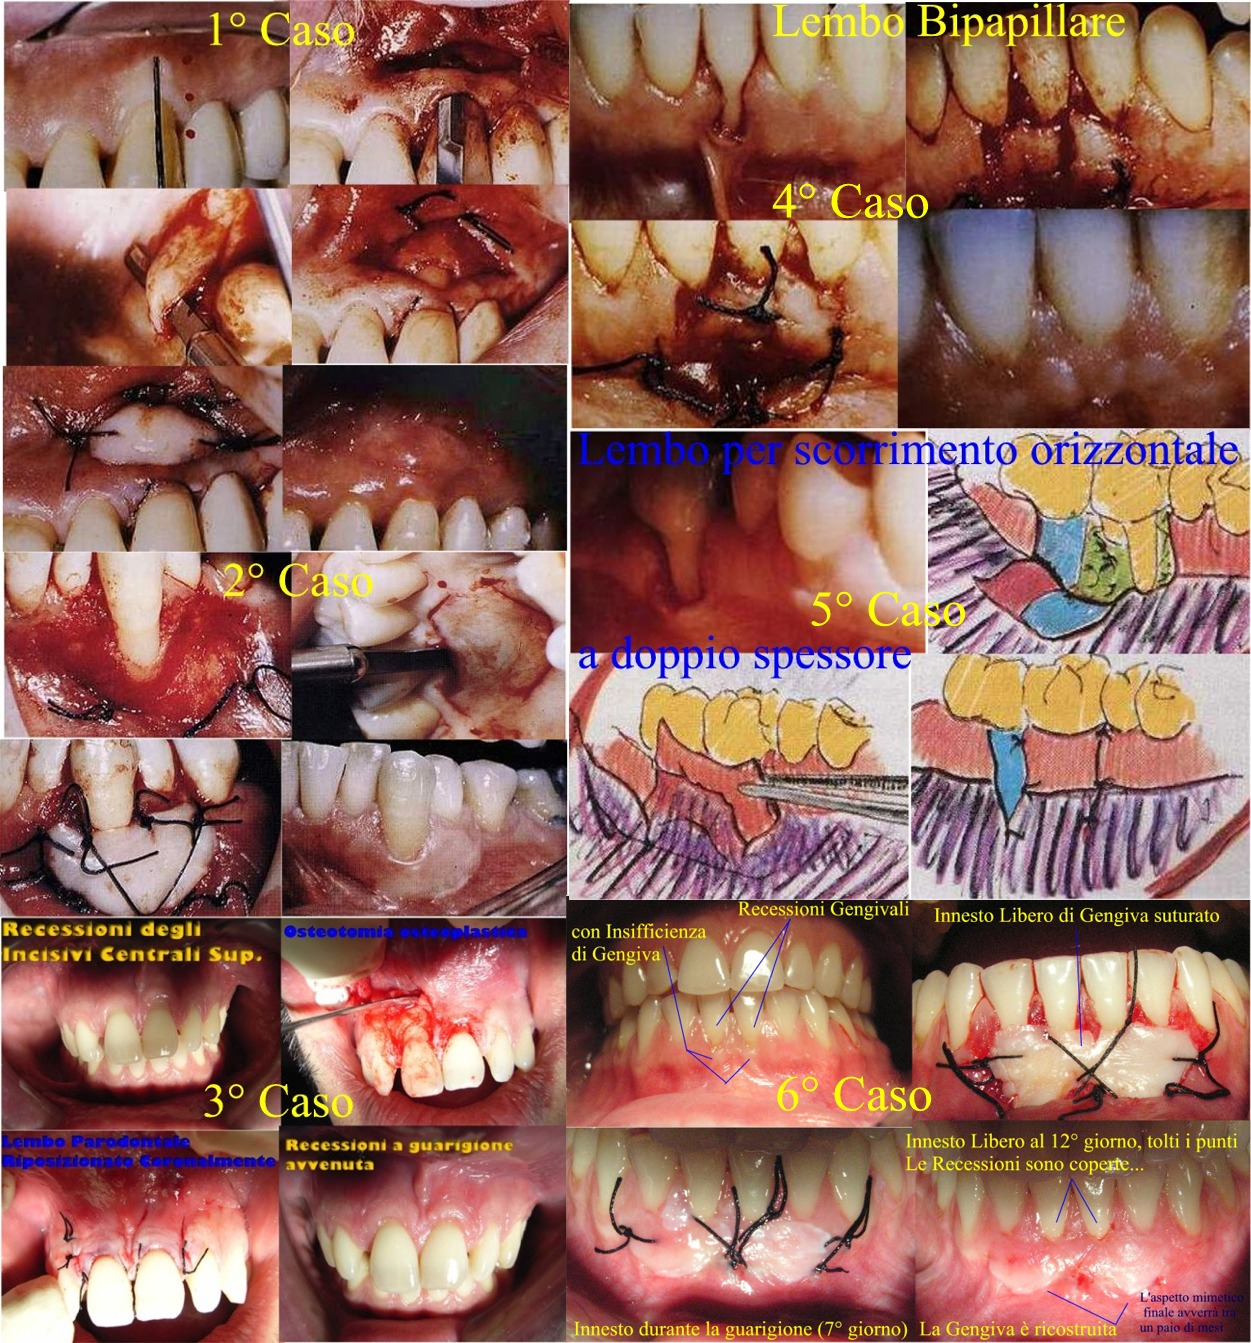 Recessioni Gengivali e loro terapia parodontale. Da casistica del Dr.- Gustavo Petti Parodontologo in Cagliari